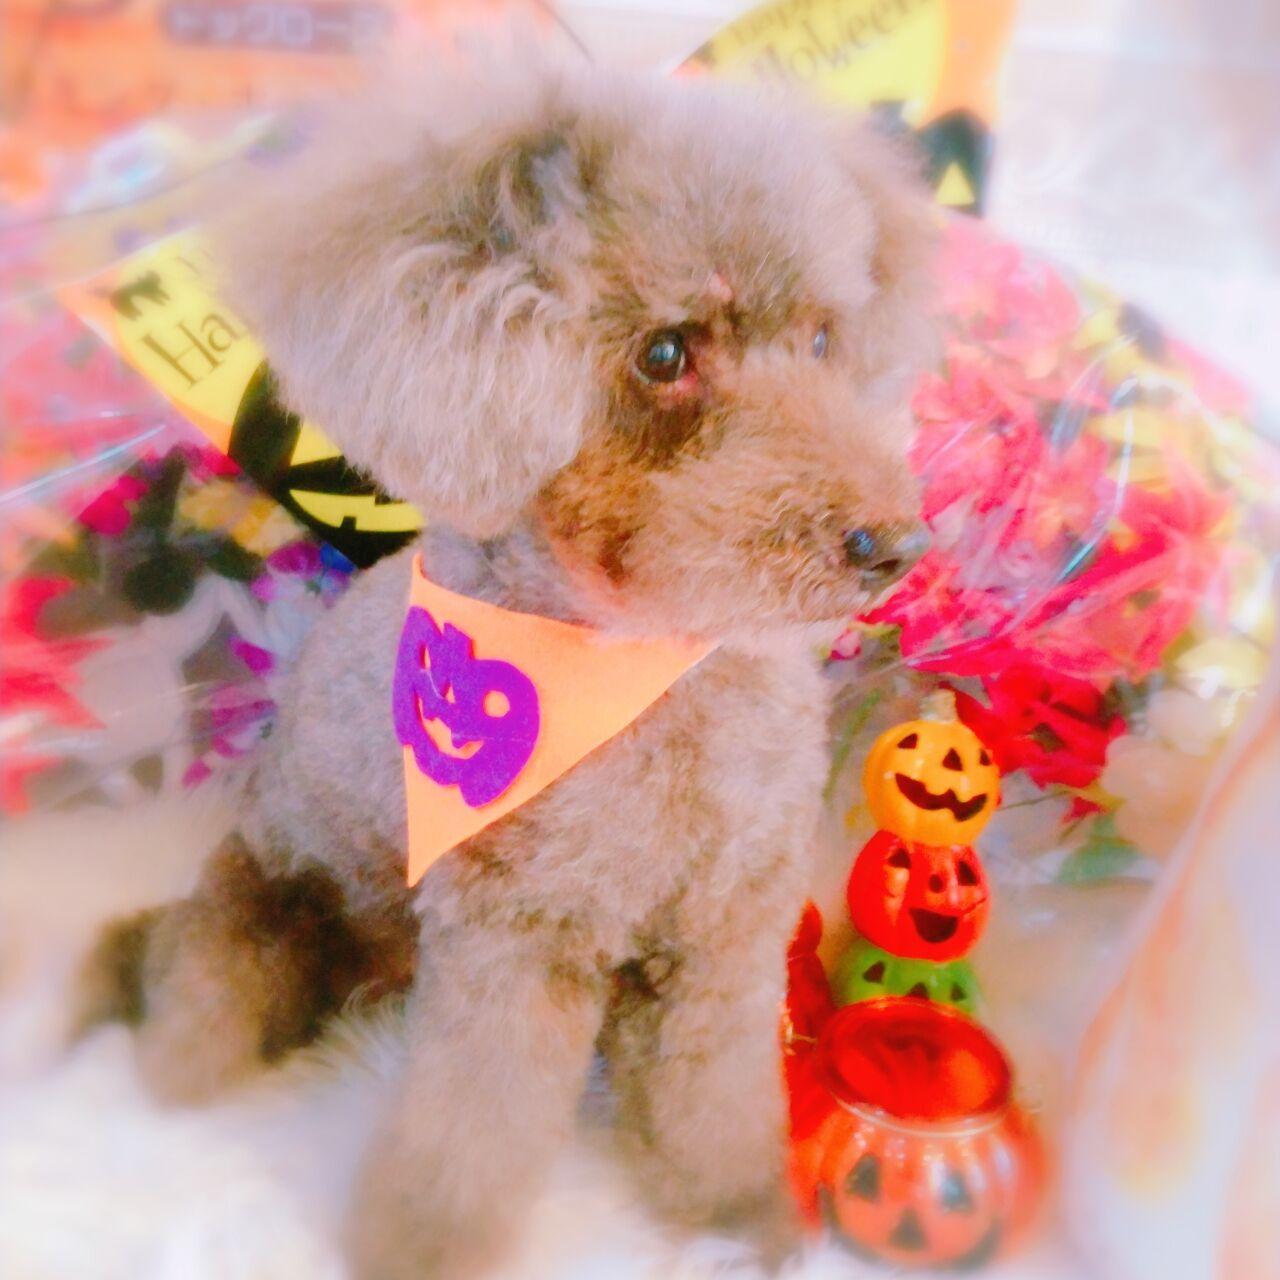 20-10-22-10-54-42-724_photo